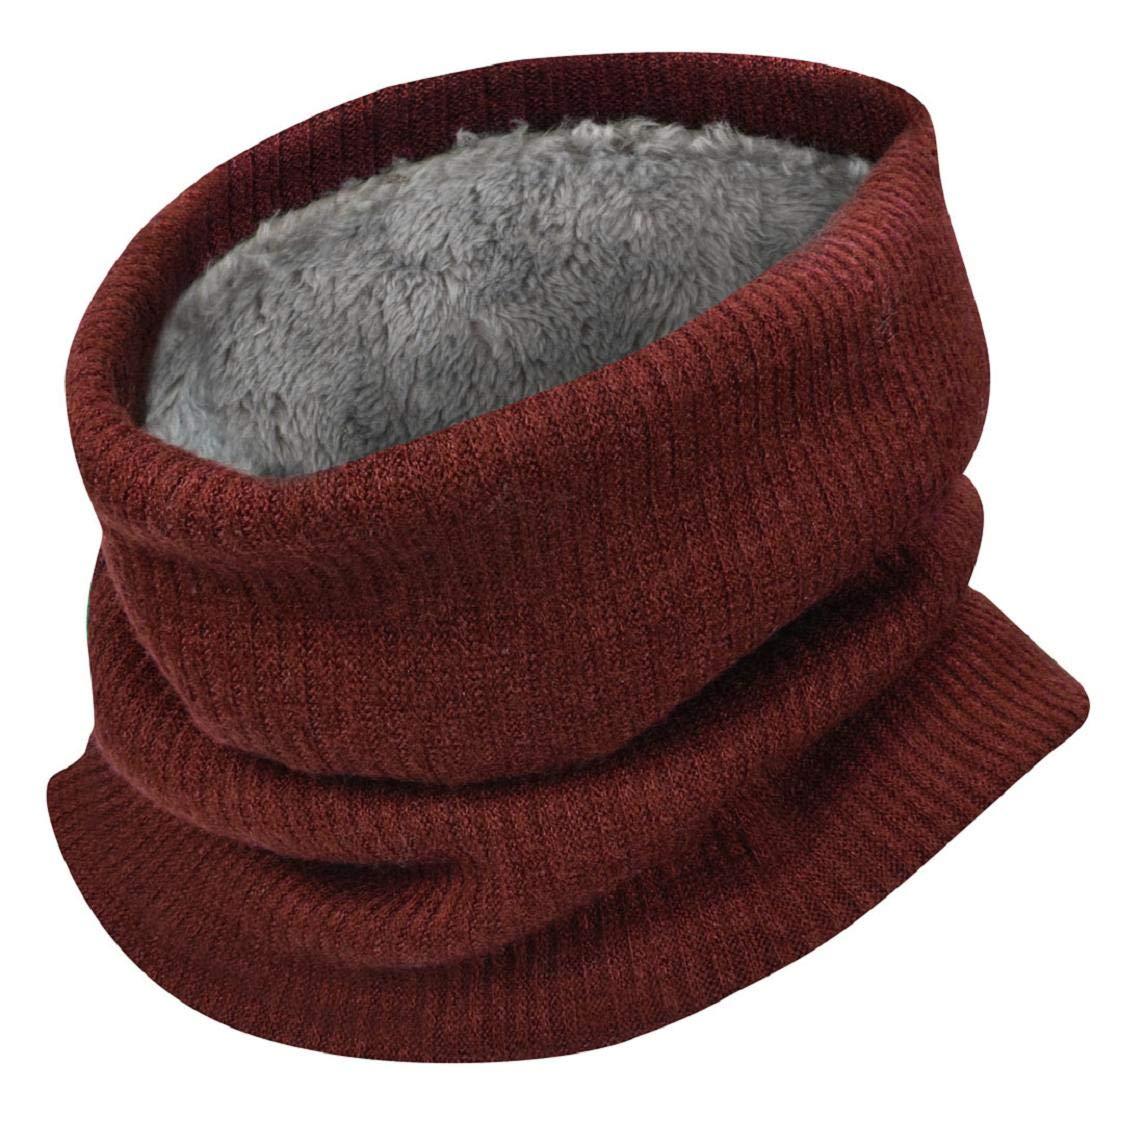 Unisex Sciarpa Inverno Caldo Morbido in Misto Lana Inverno Scamosciato Spessore Scaldino Donne e Uomini Sciarpa Sciarpa in Maglia Autunno Invernali Donna Yuson Girl Sciarpa Donne Uomini